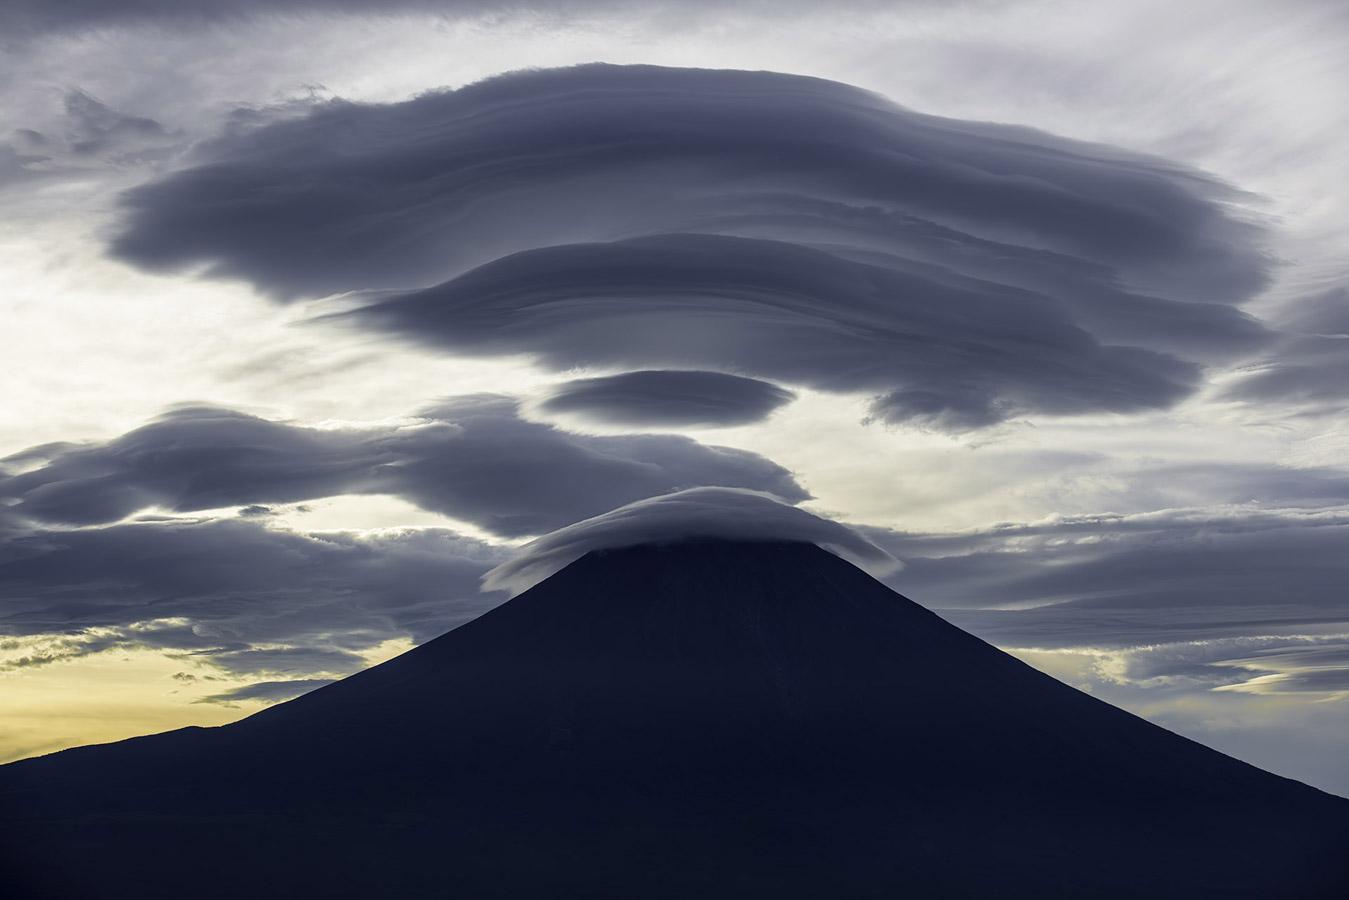 Такаши / Takashi, Токио, Япония, Почётная оценка в категории «Пейзаж», Фотоконкурс «Лучшая природная фотография Азии» — Nature's Best Photography Asia